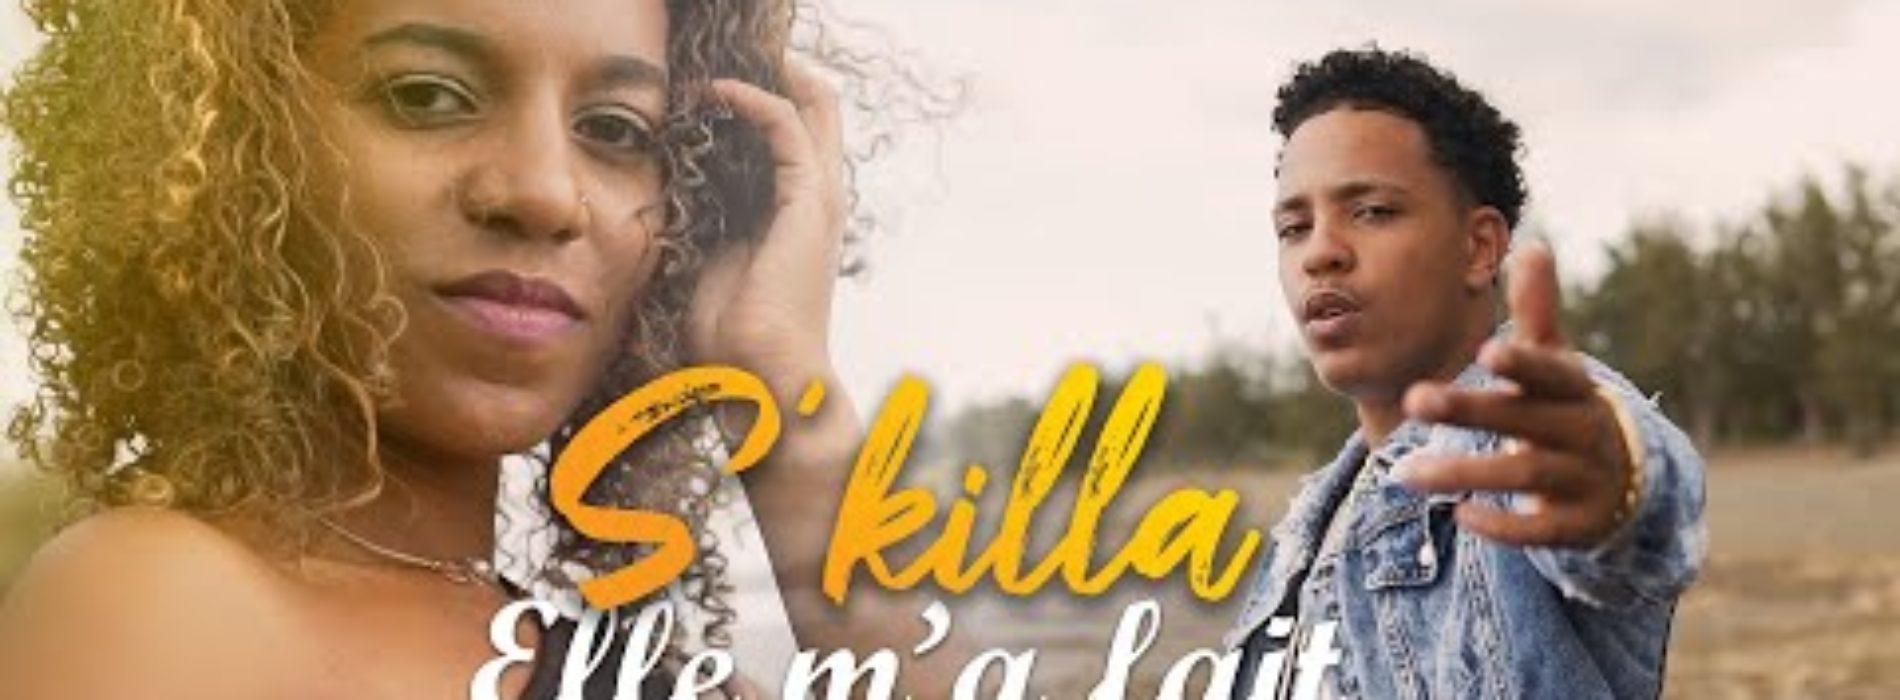 S'KILLA – Elle m'a fait (Clip Officiel) – Février 2020